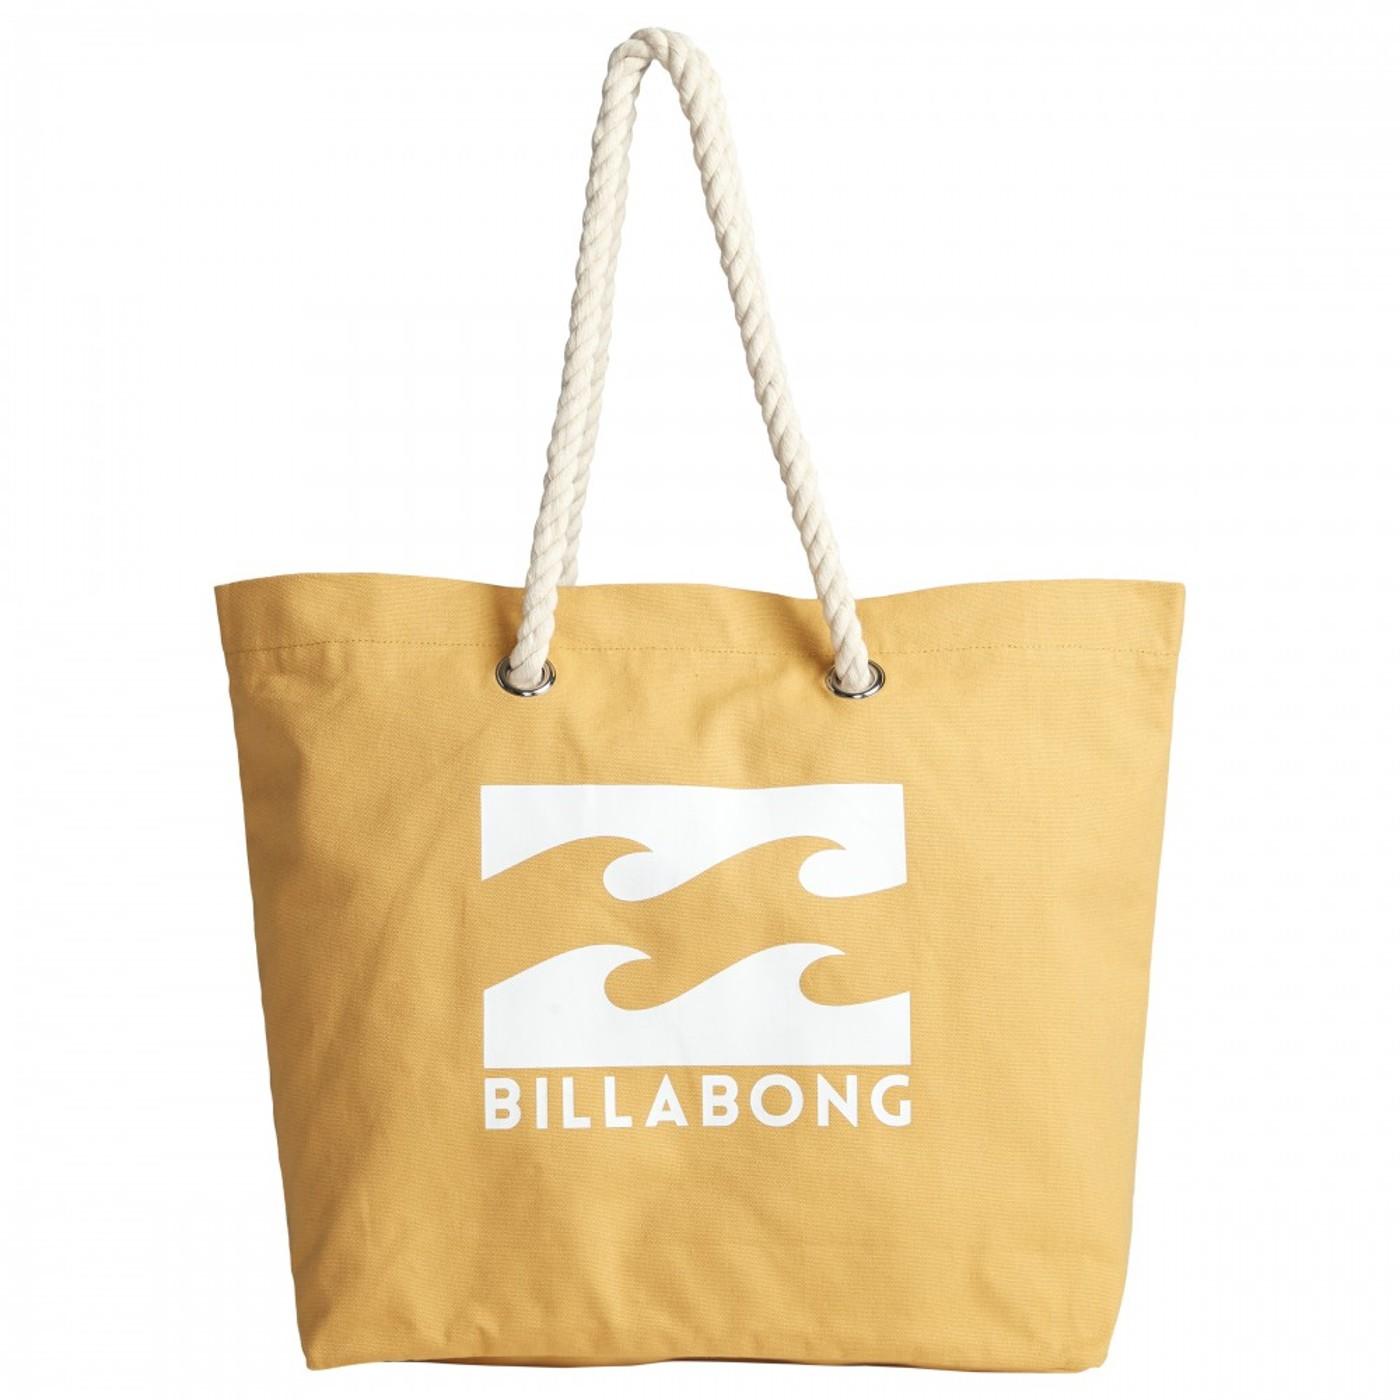 BILLABONG ESSENTIAL BAG - Damen